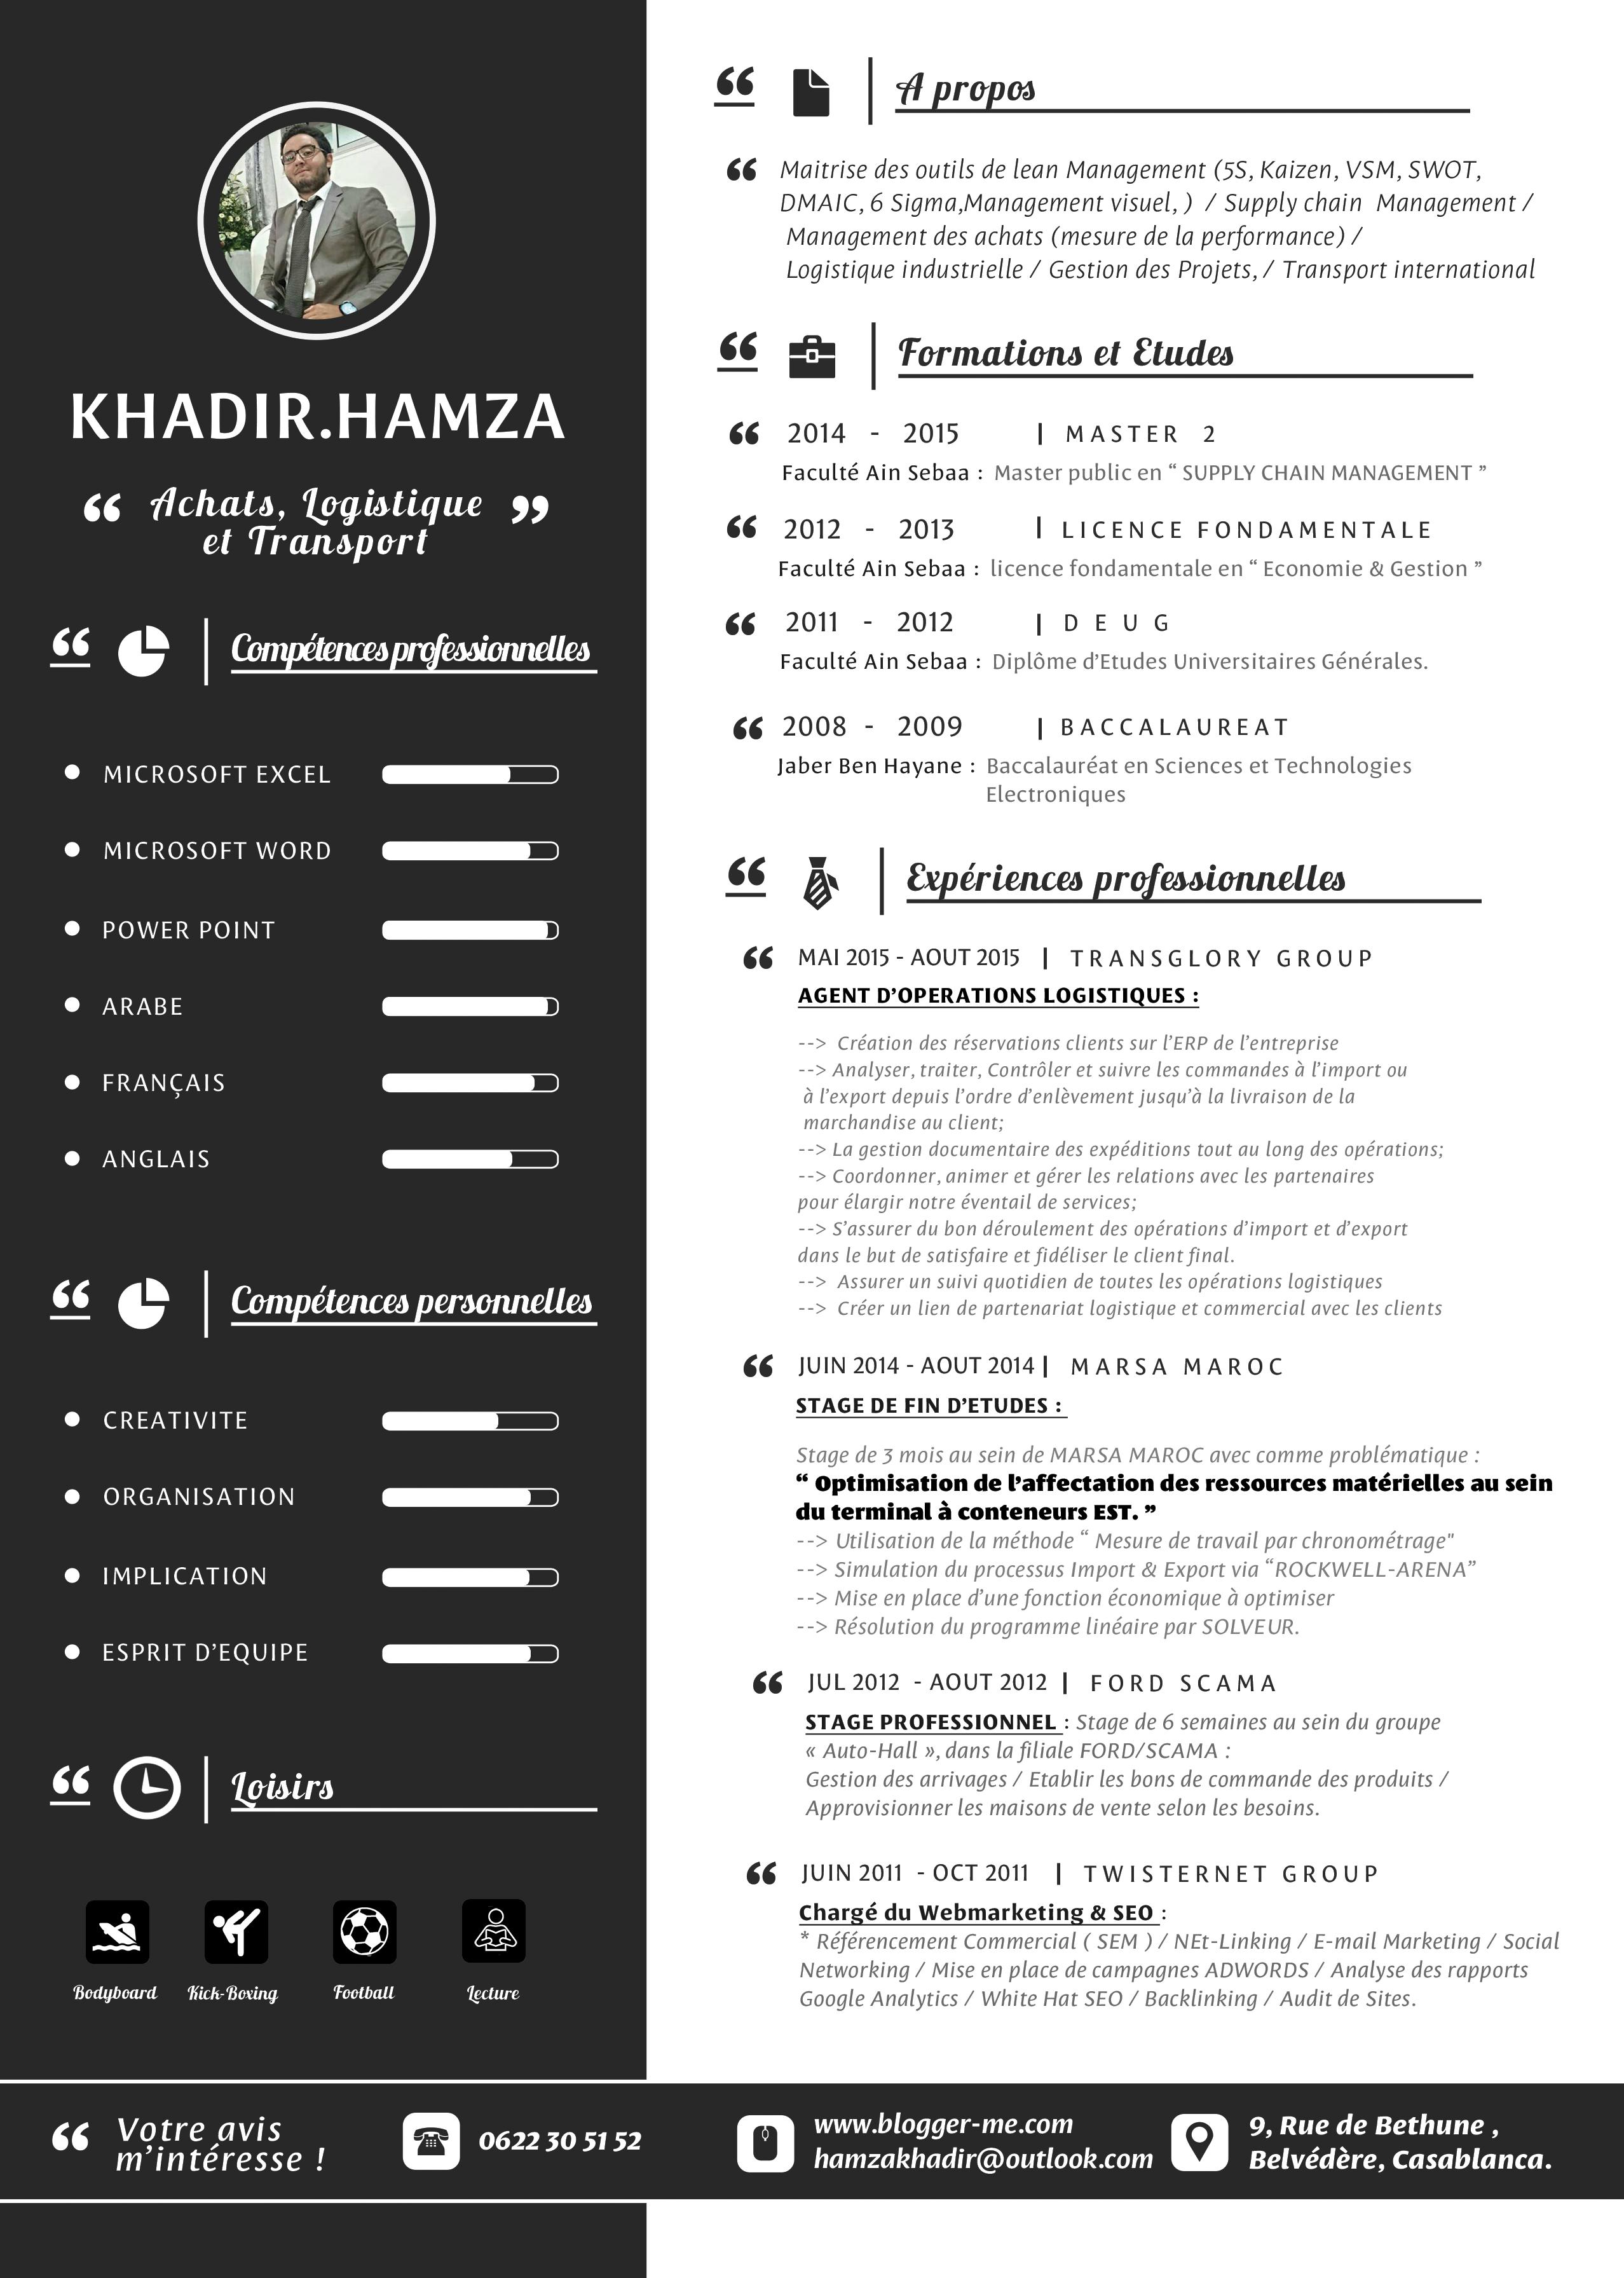 69912d48 B086 4a31 8e85 3707cd702363 Original Png 2555 3583 Marketing Words Resume Design Cv Template